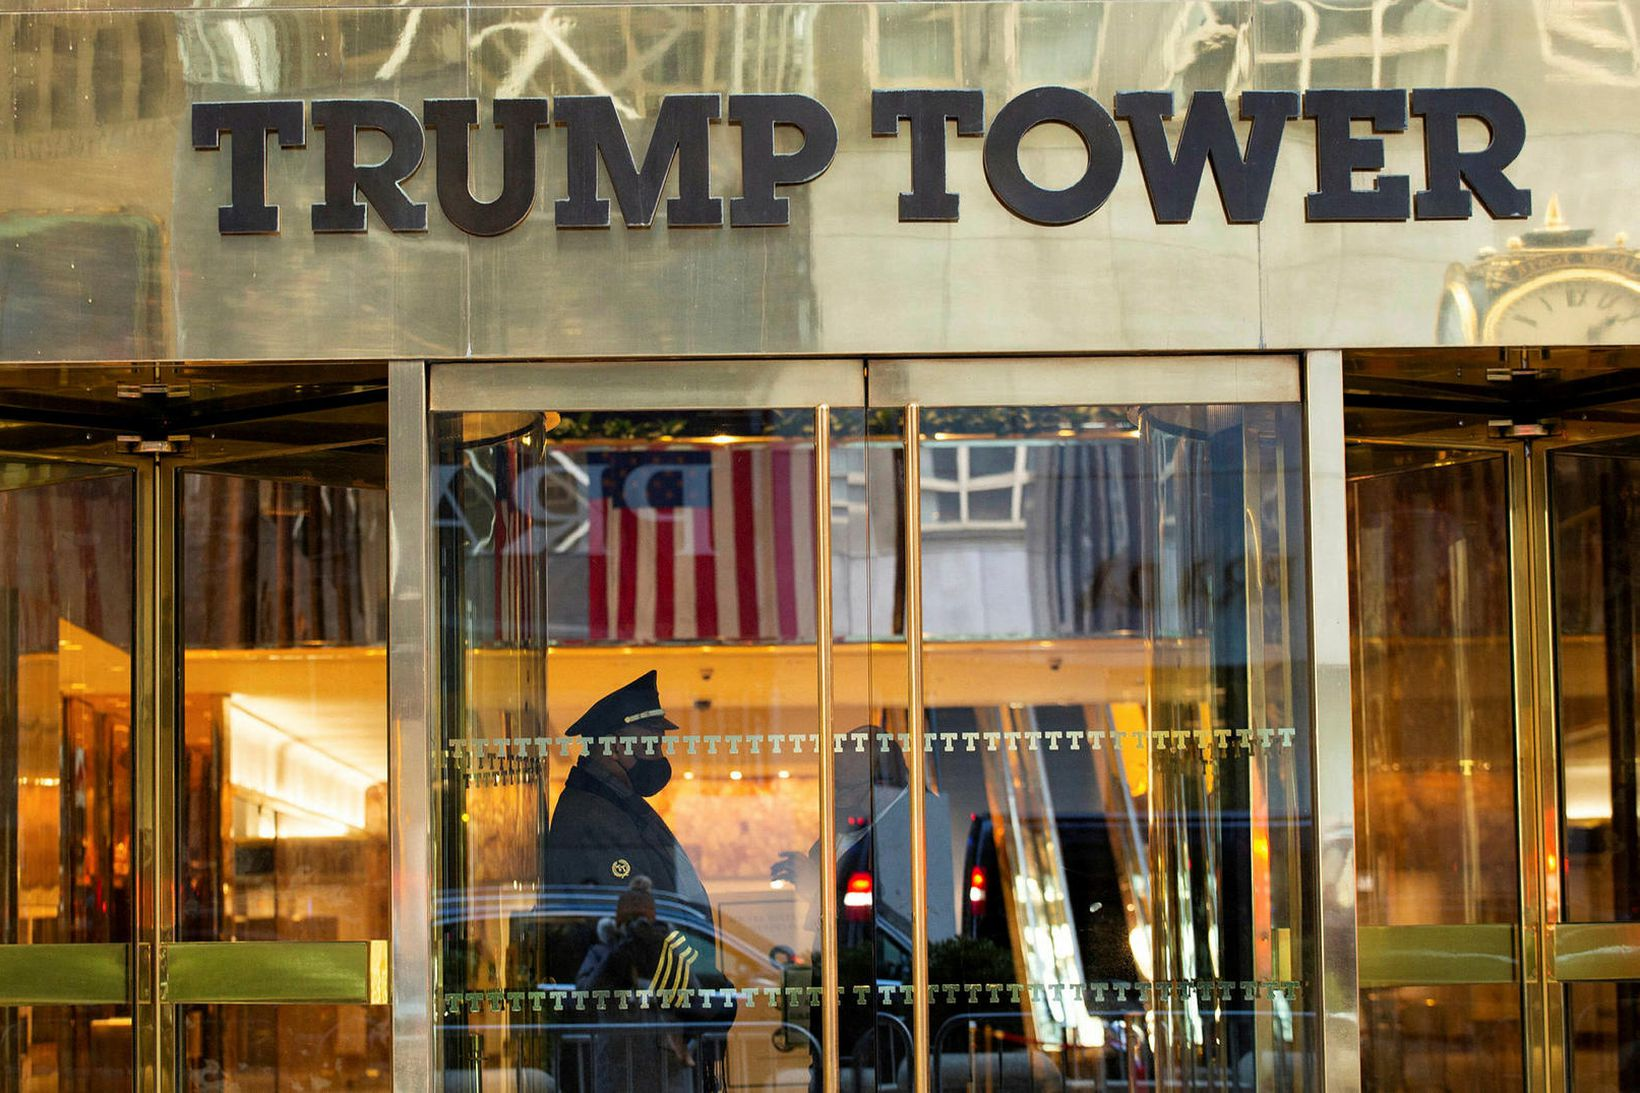 Trump stofnunin á golfklúbba, hótel og lúxuseignir Trumps.